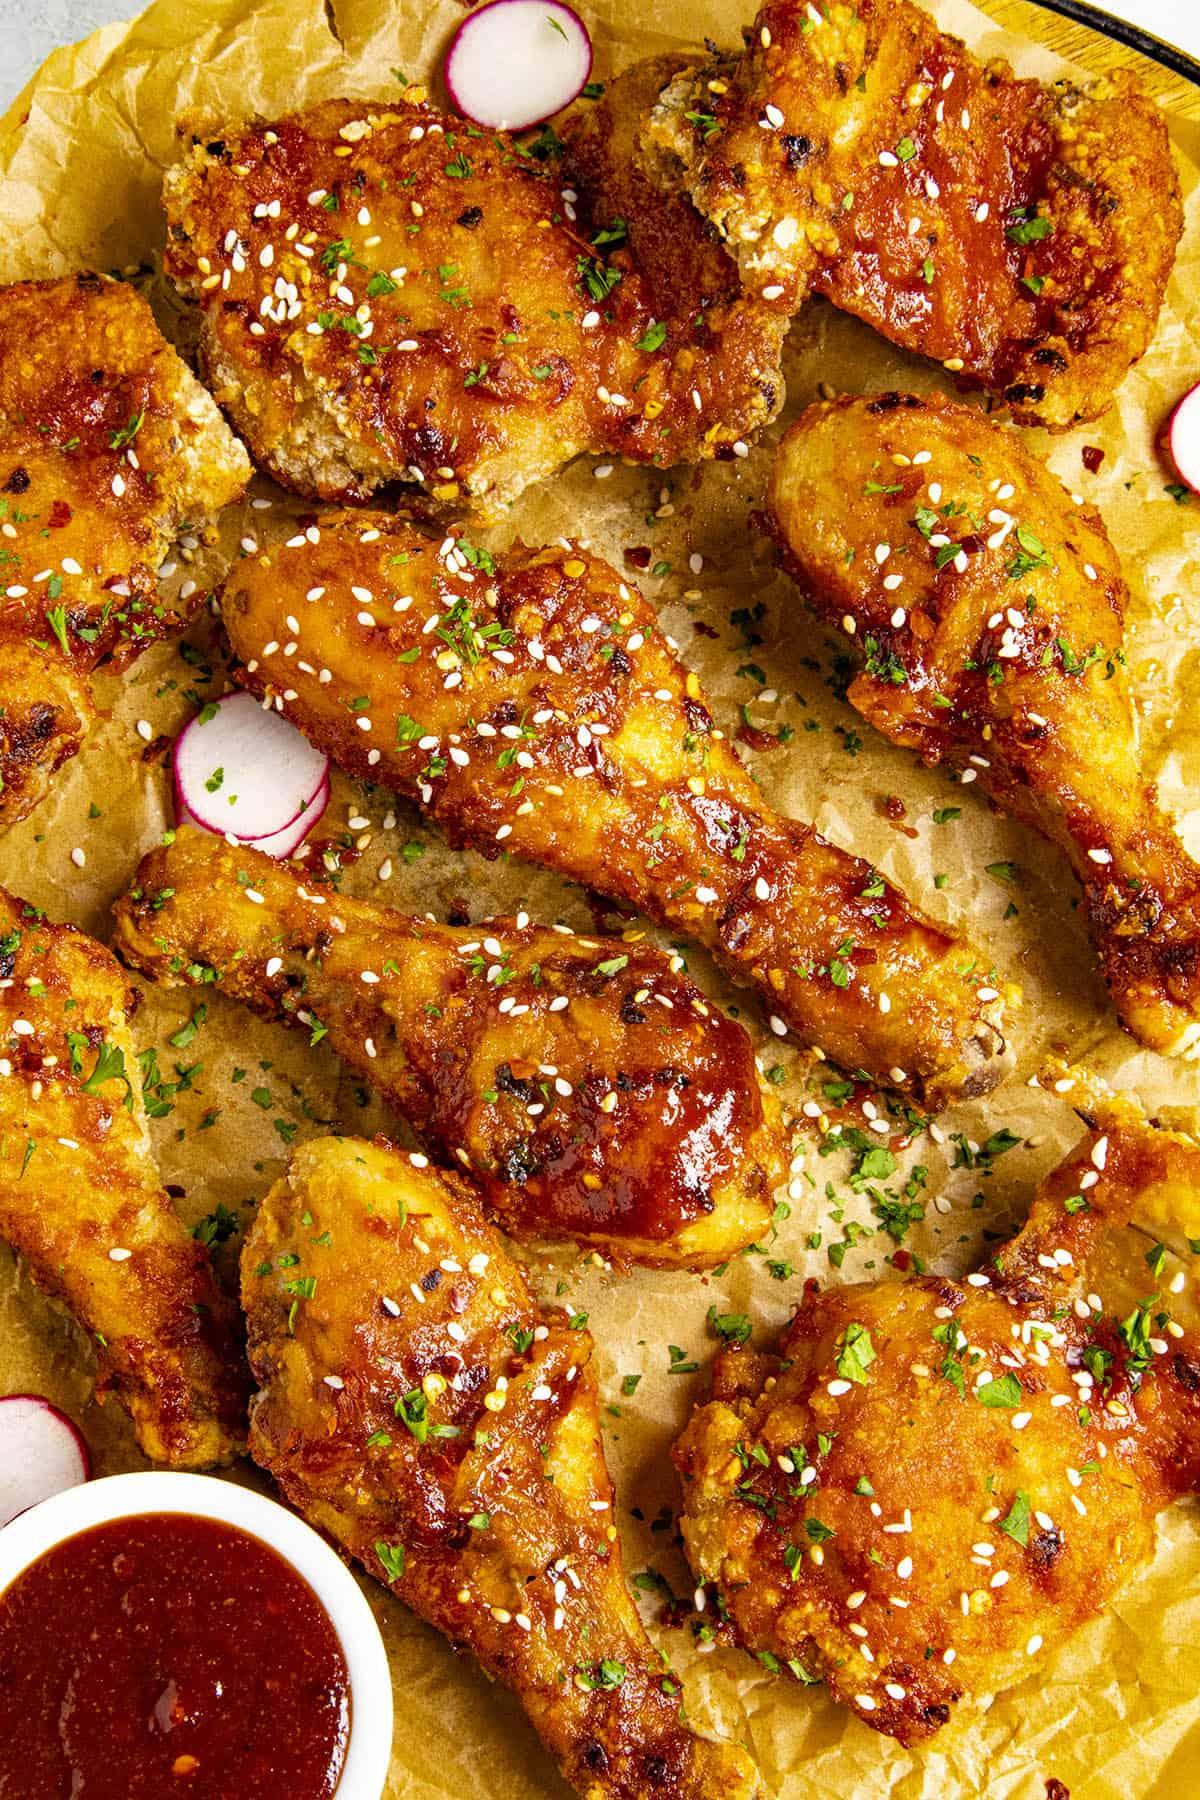 Korean Fried Chicken on a platter with garnish